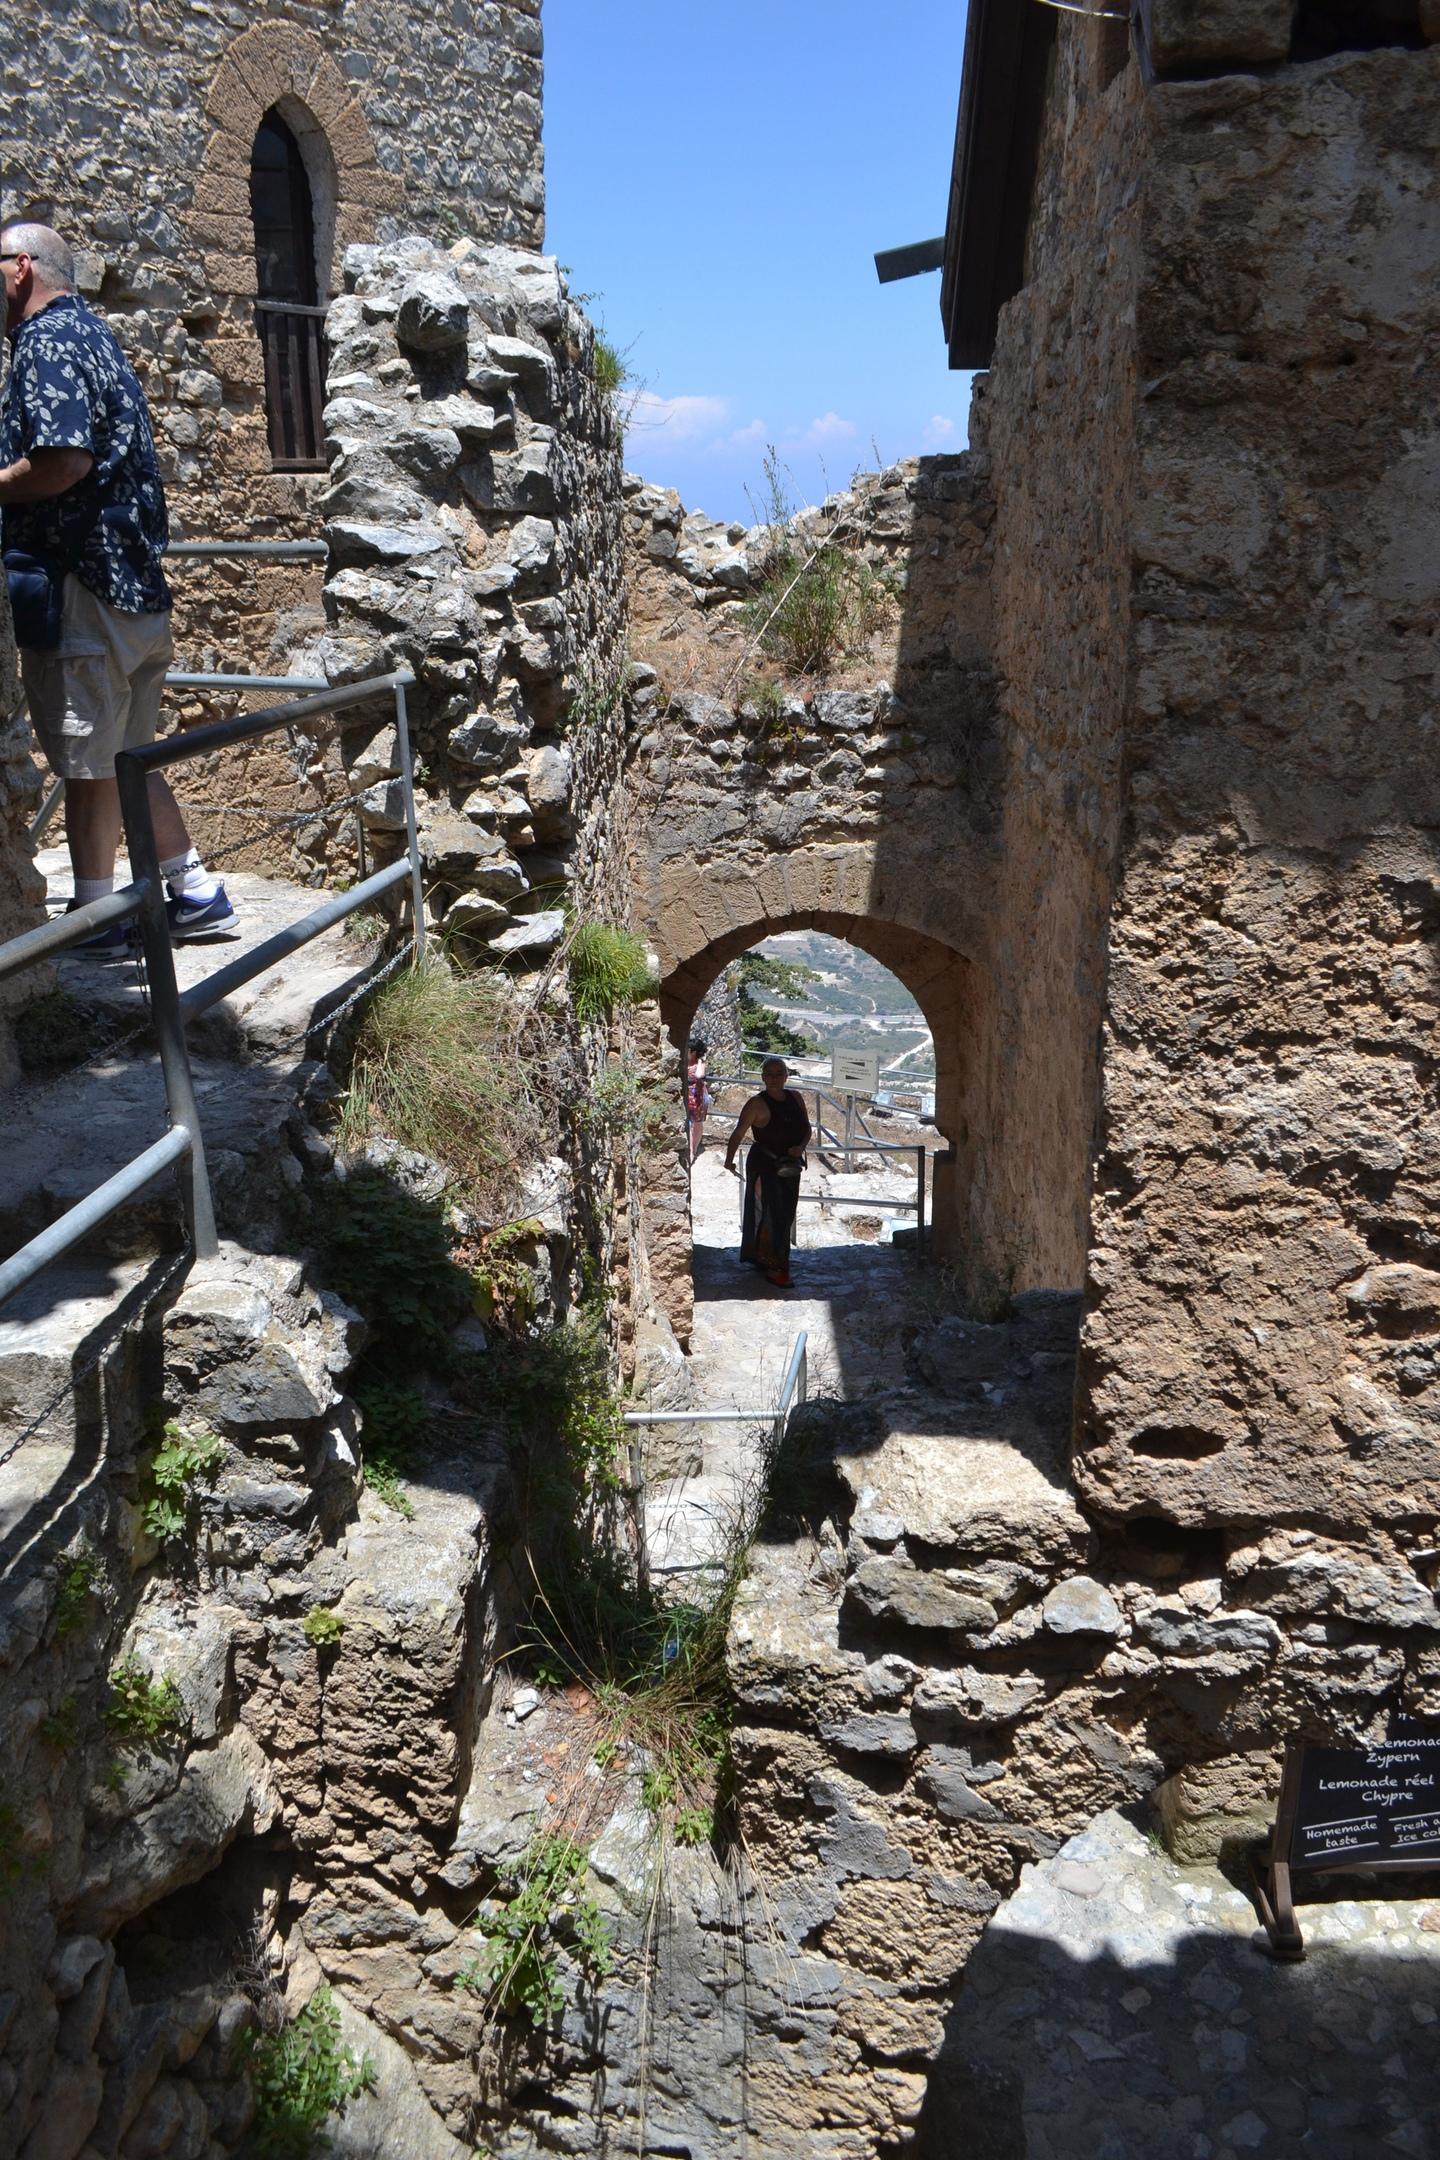 Северный Кипр. Замок Святого Иллариона. (фото). - Страница 2 IgHi1fZE7hI